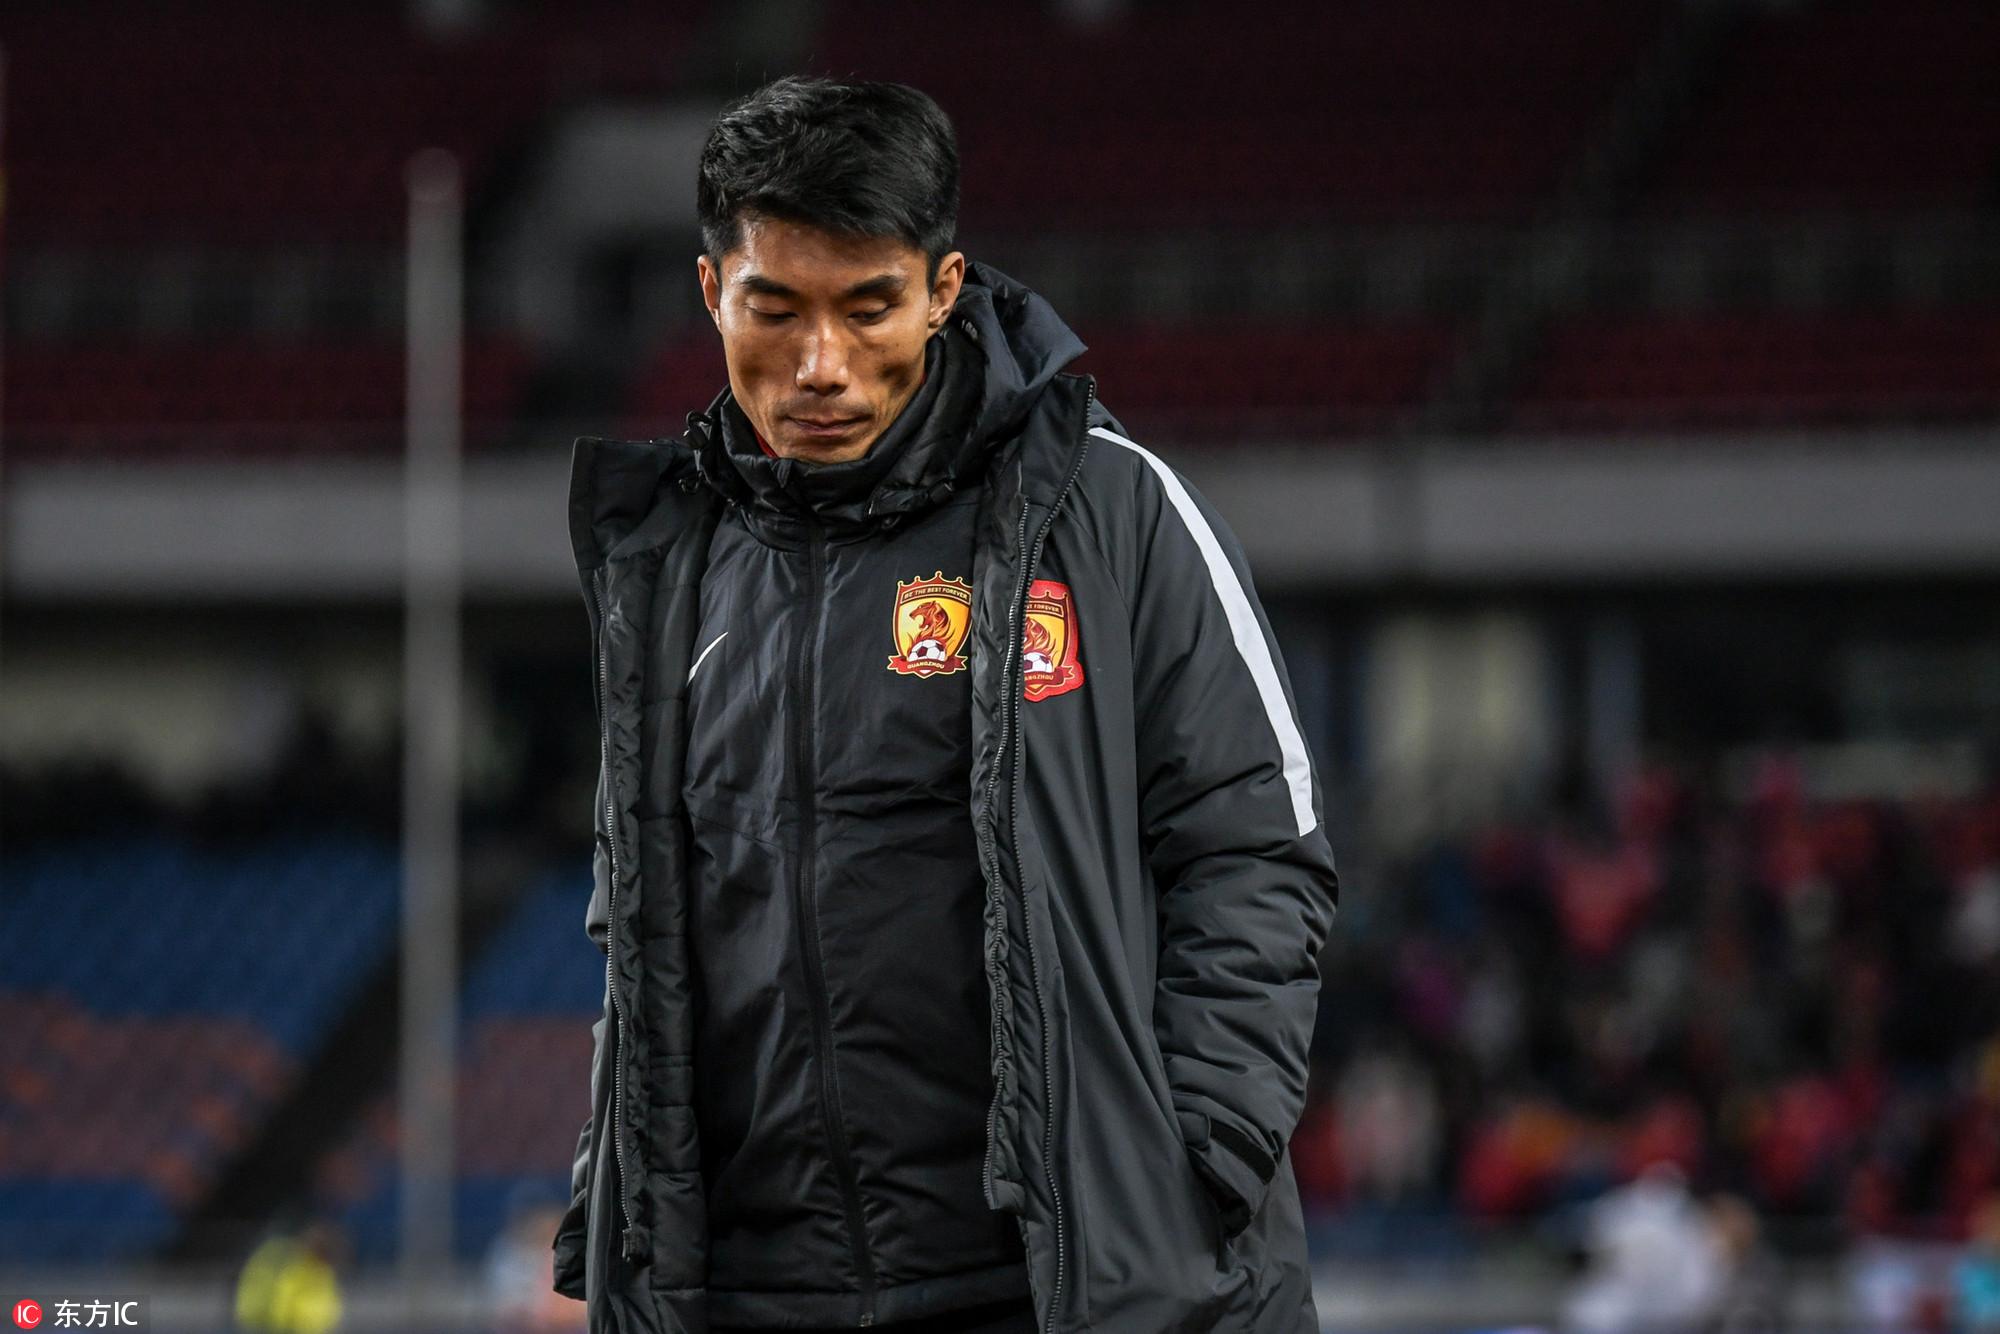 比利时和俄罗斯 媒体人:郑智因伤缺席本次集训,亚洲杯他肯定是队长